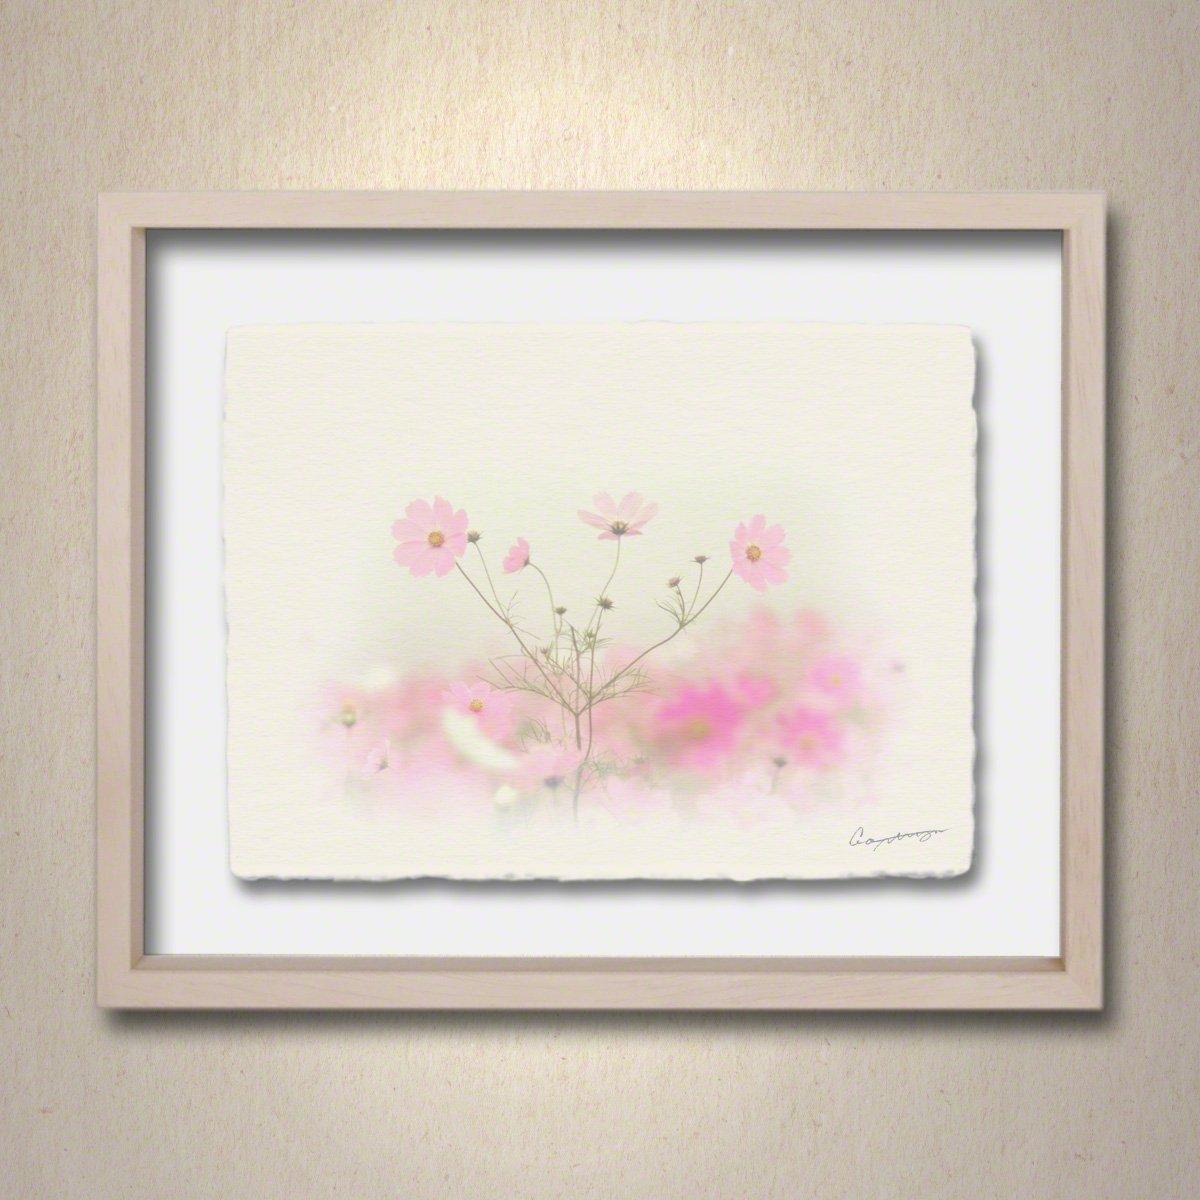 和紙 アートフレーム 「霧空のピンクのコスモス」 (64x52cm) 花 絵 絵画 壁掛け 壁飾り 額縁 インテリア アート B076LQMYLY 25.アートフレーム(長辺64cm) 120000円|霧空のピンクのコスモス 霧空のピンクのコスモス 25.アートフレーム(長辺64cm) 120000円